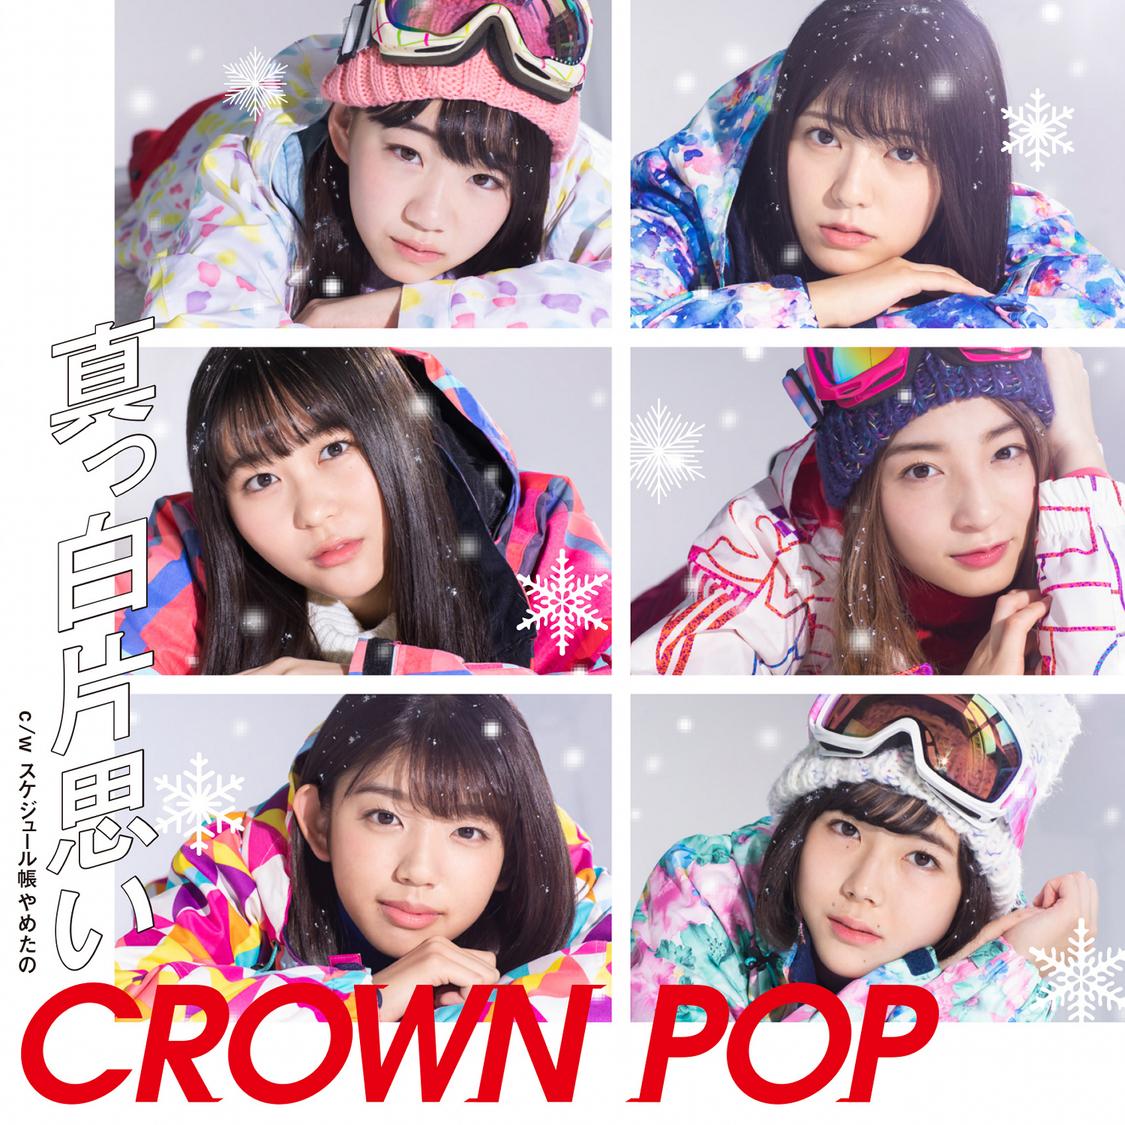 """""""ぜんぶクラポのせいだ。"""" CROWN POP、新曲ジャケに冬の可愛さ凝縮!"""